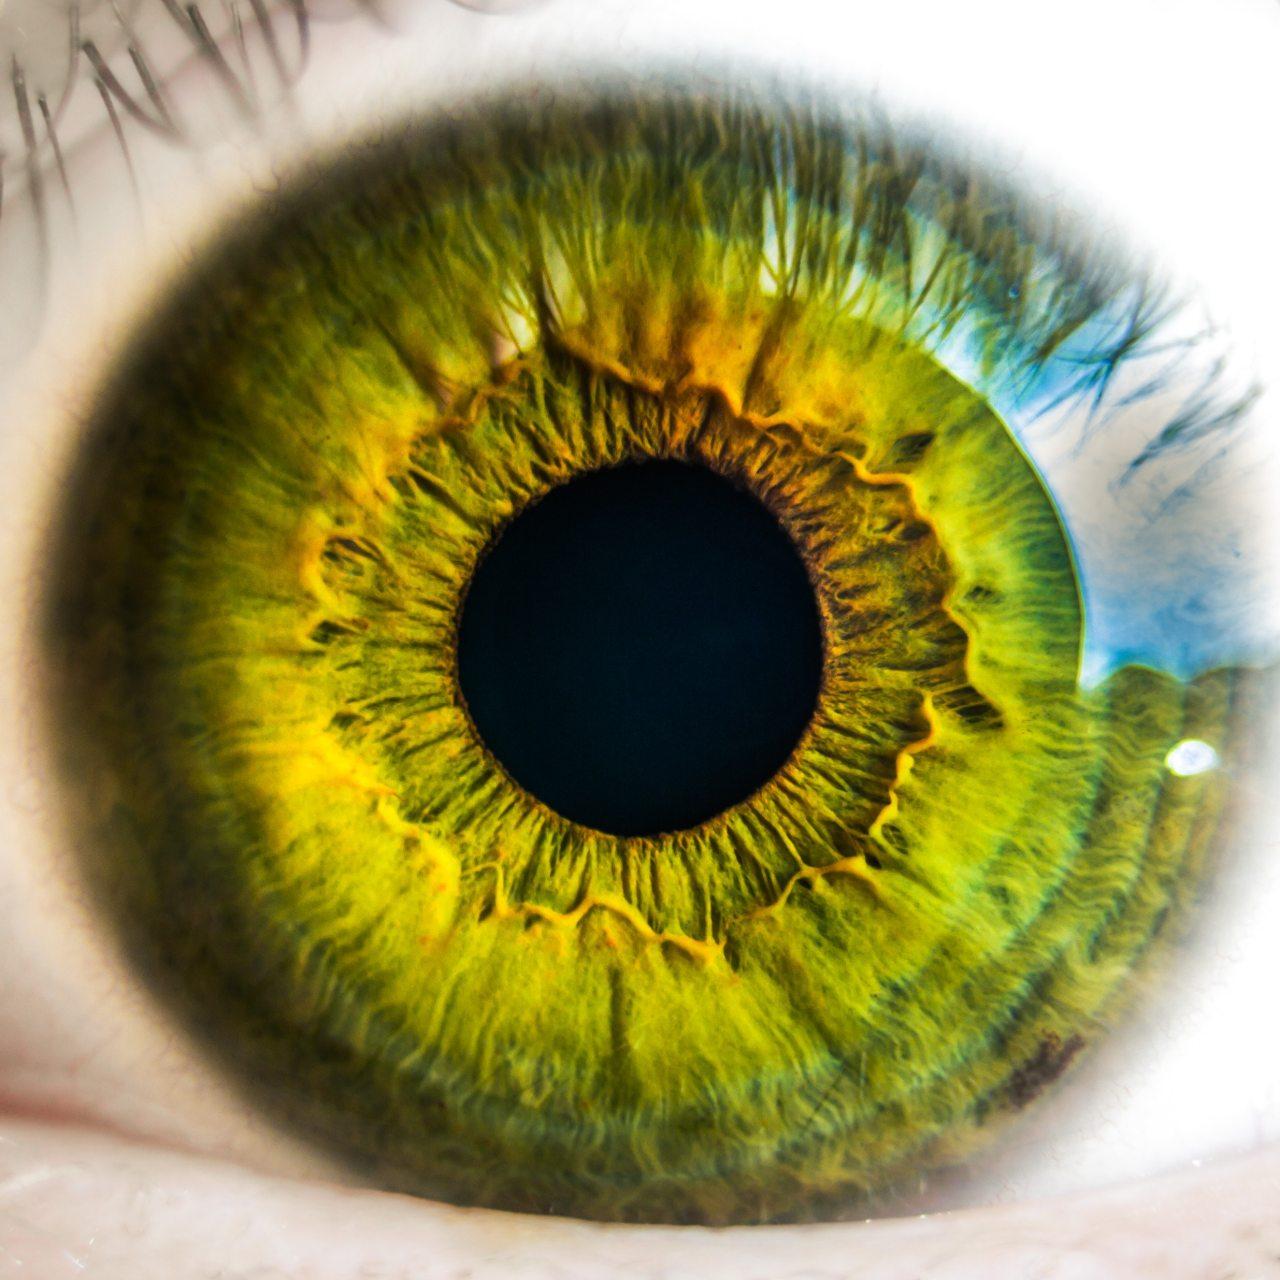 anatomy-biology-eye-8588 (1)